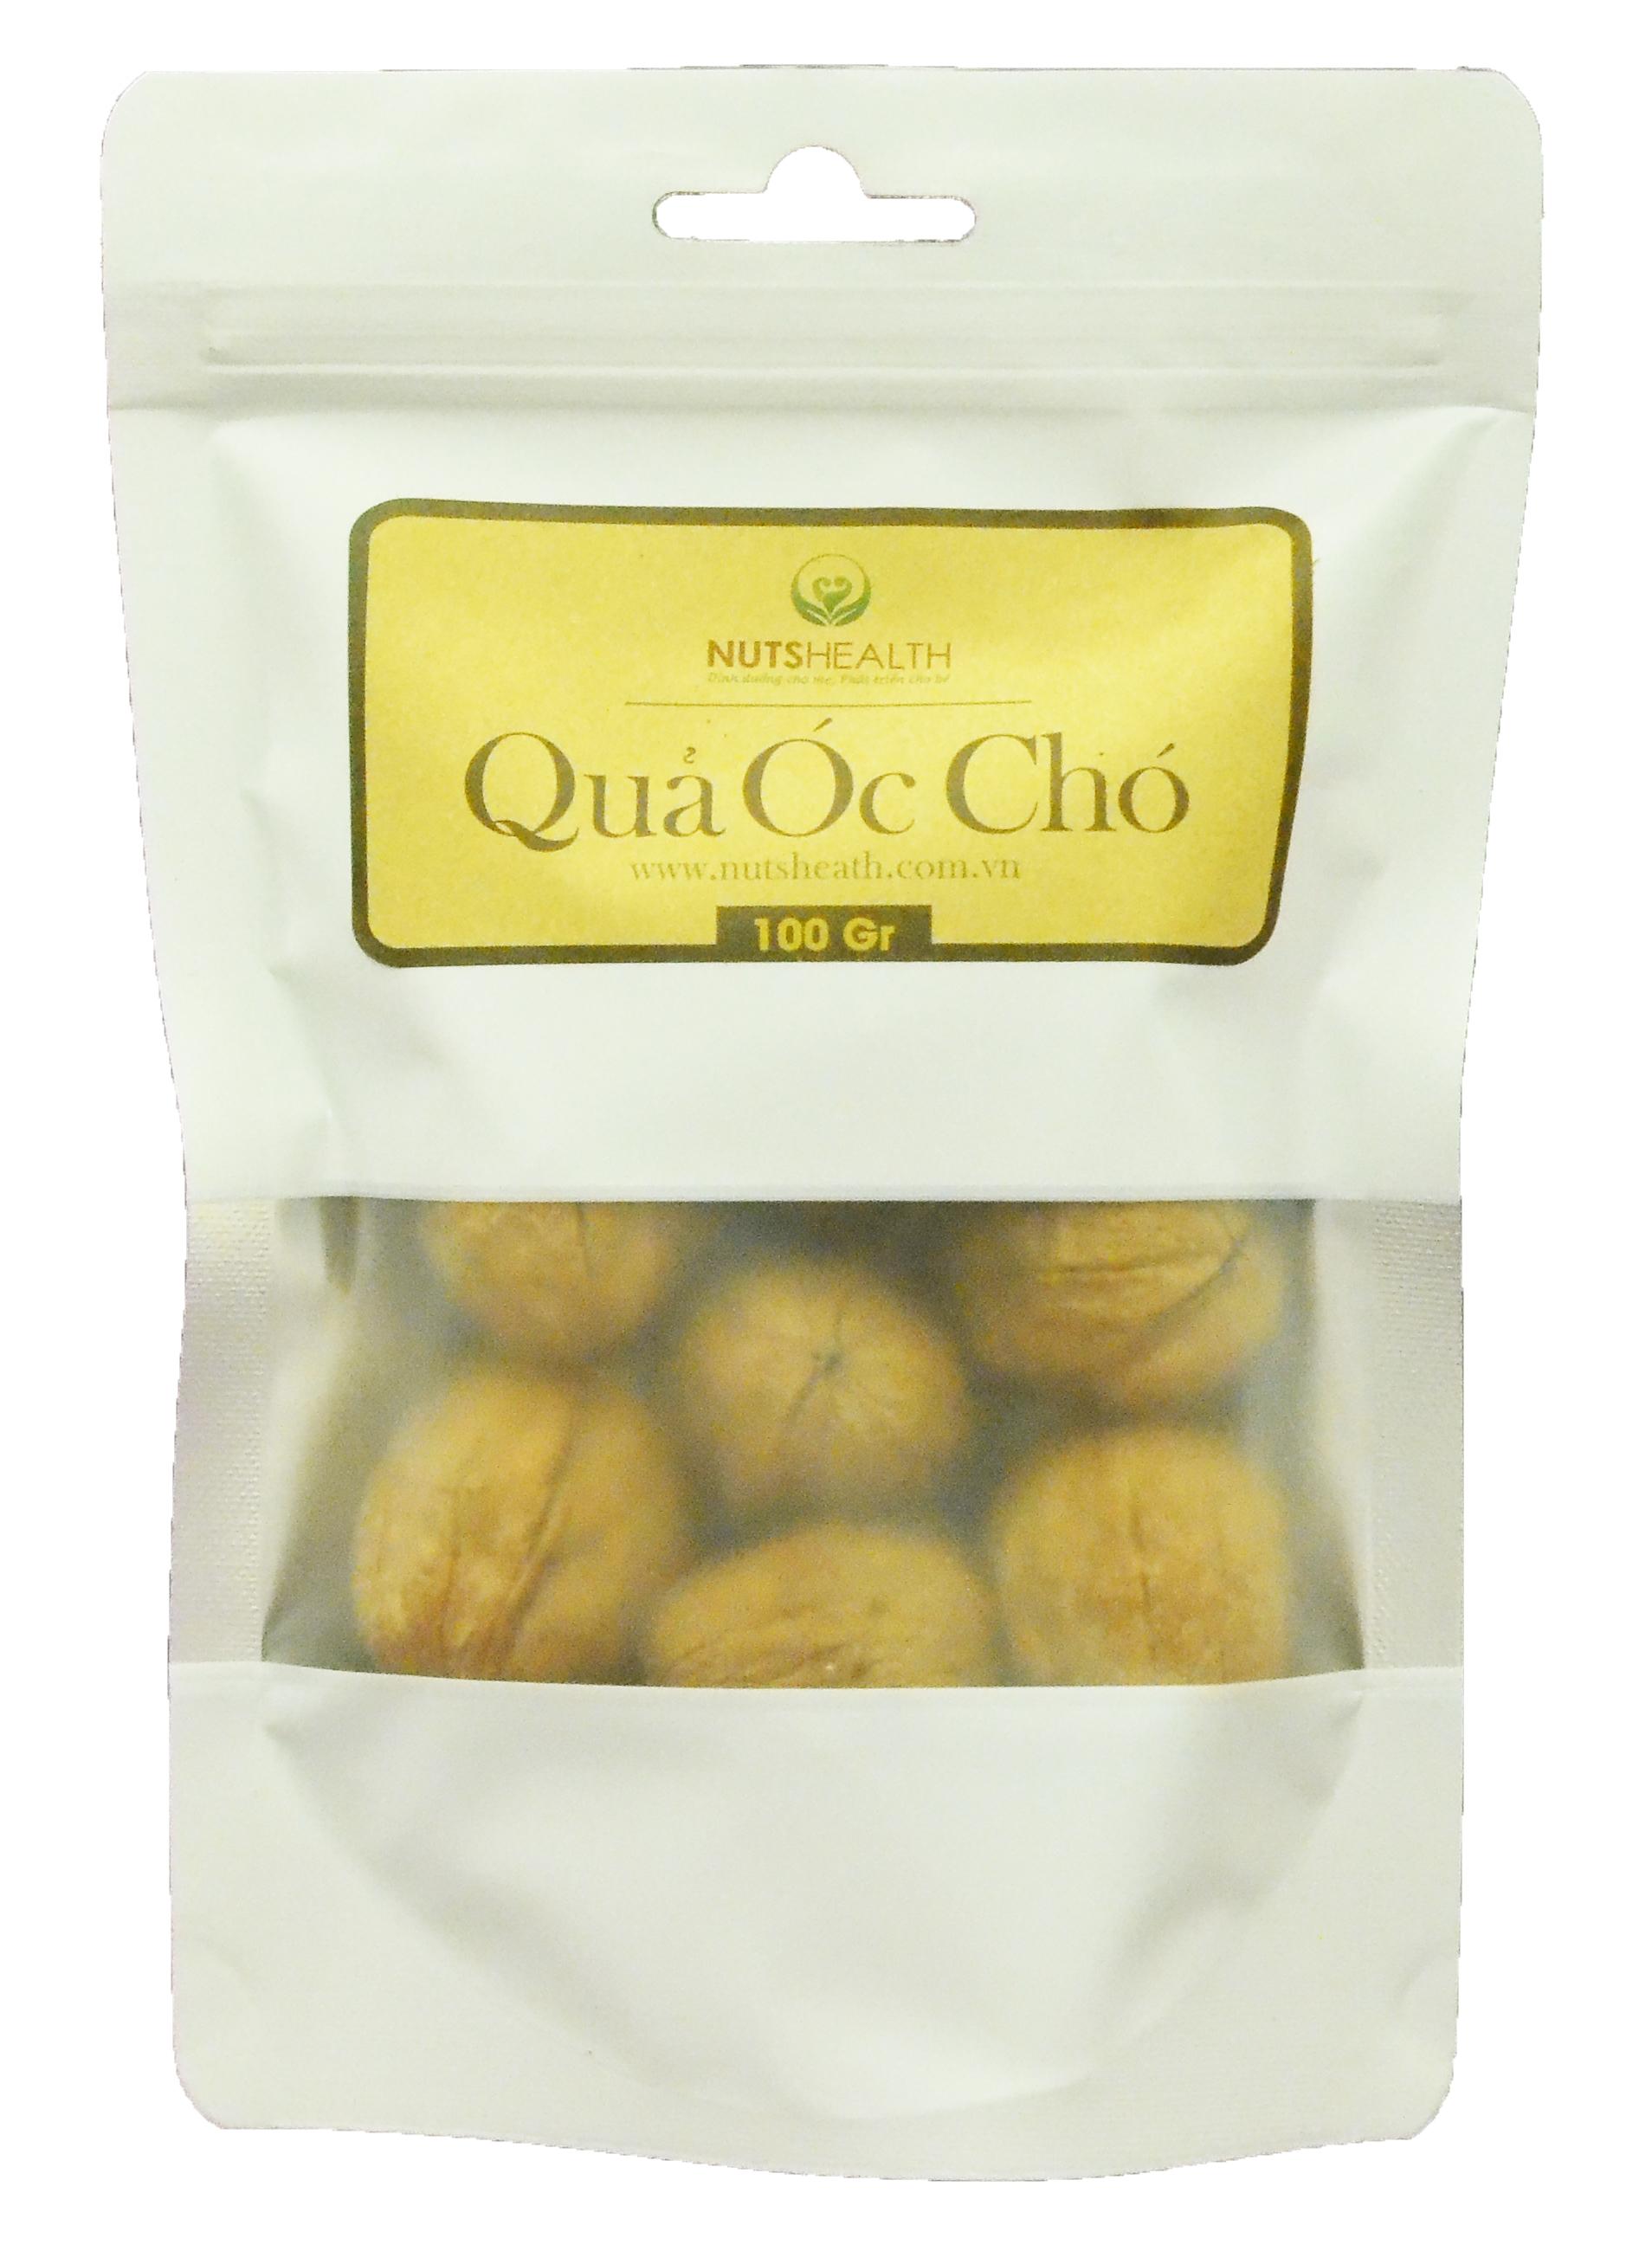 Quả Óc Chó còn vỏ ( Walnut ) -bịch- 100g – Nutshealth